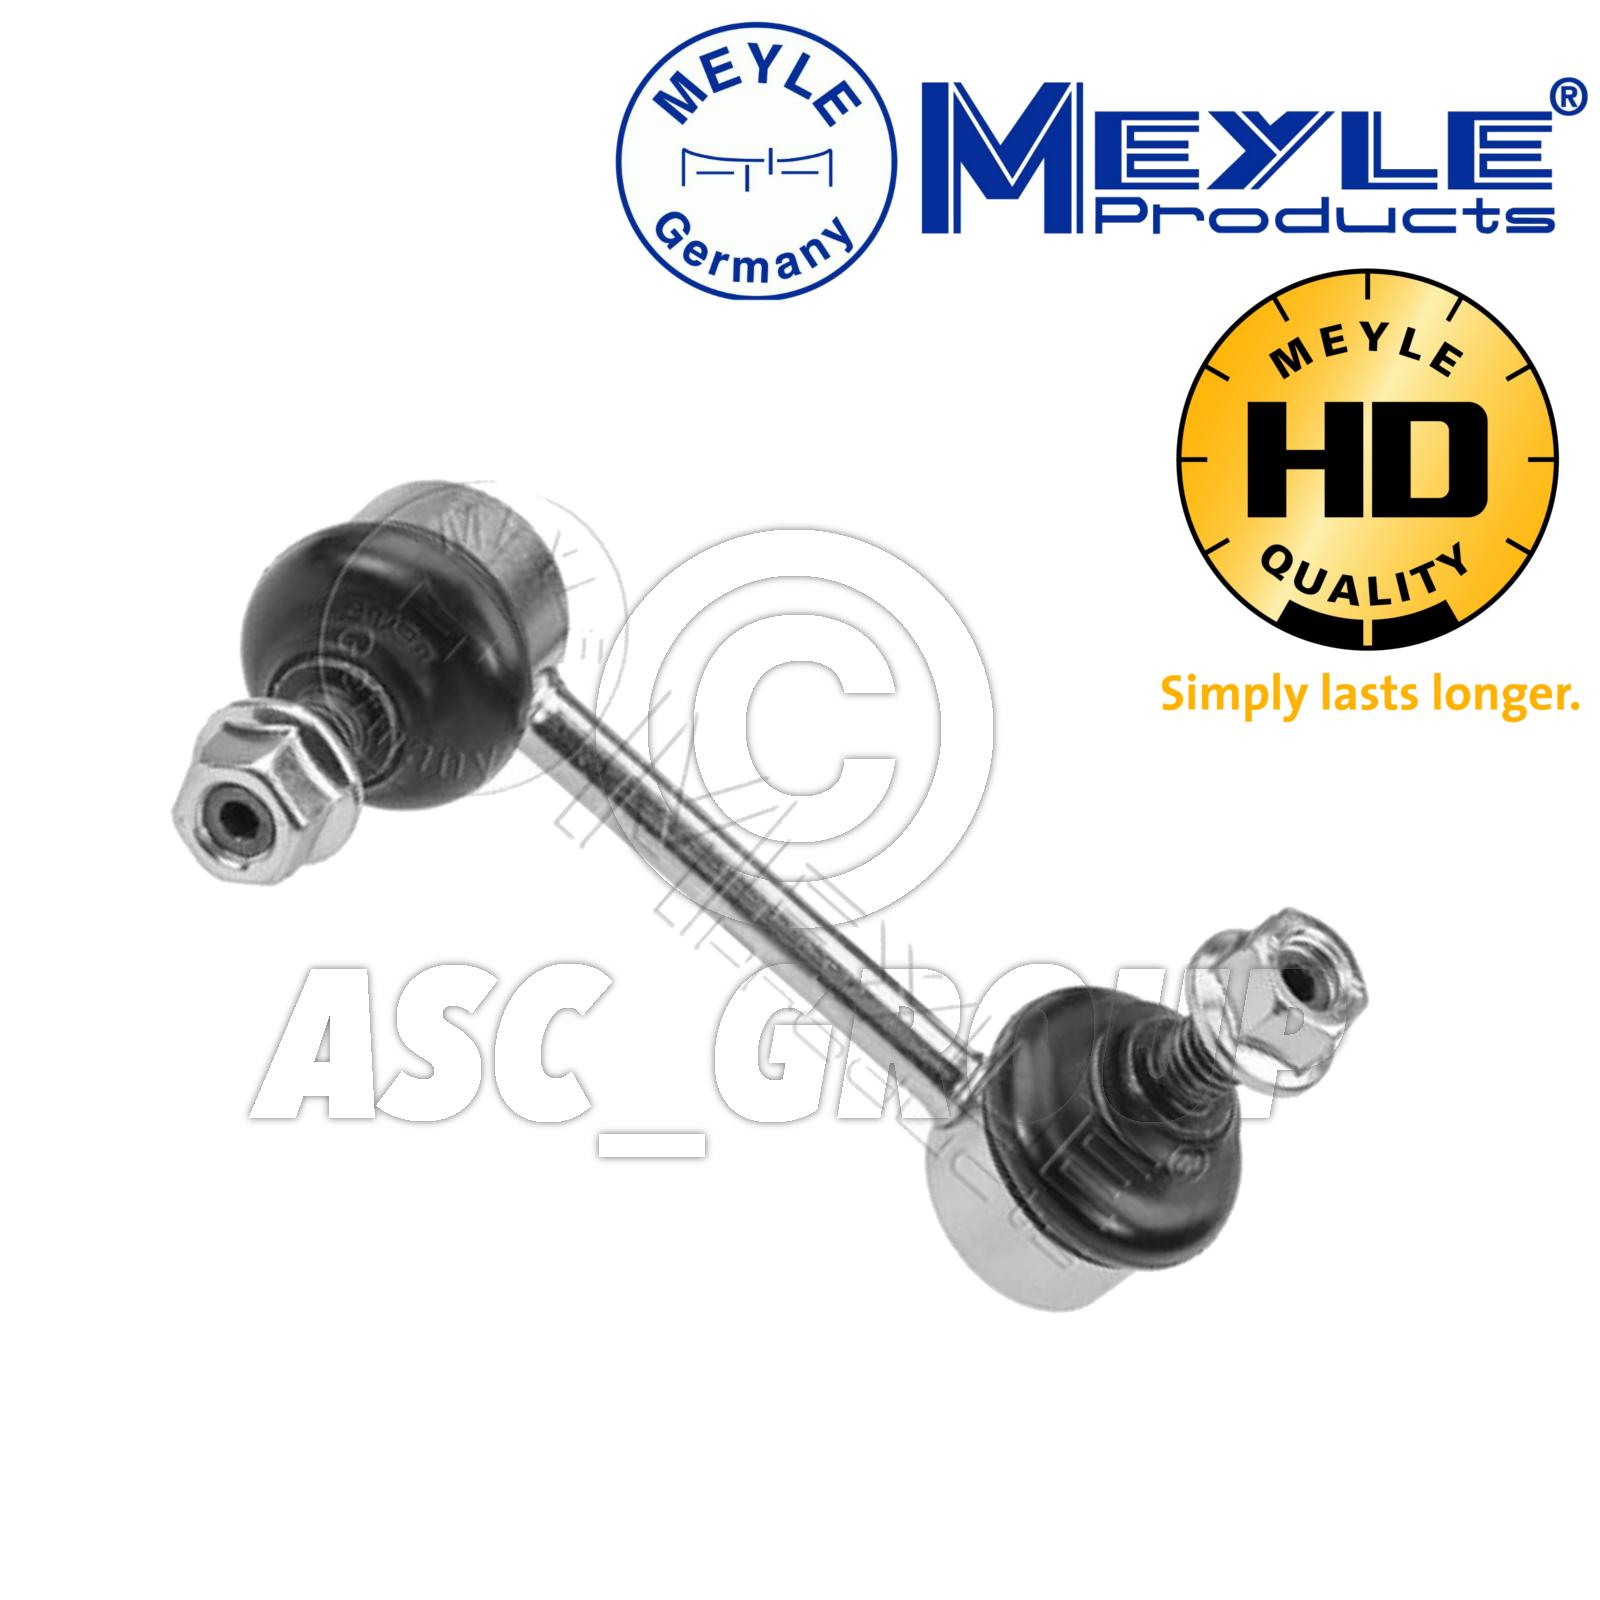 PEUGEOT 206 208 2008 MEYLE AVANT GAUCHE /& DROITE stabilisateur Anti Roll Bar Link rods